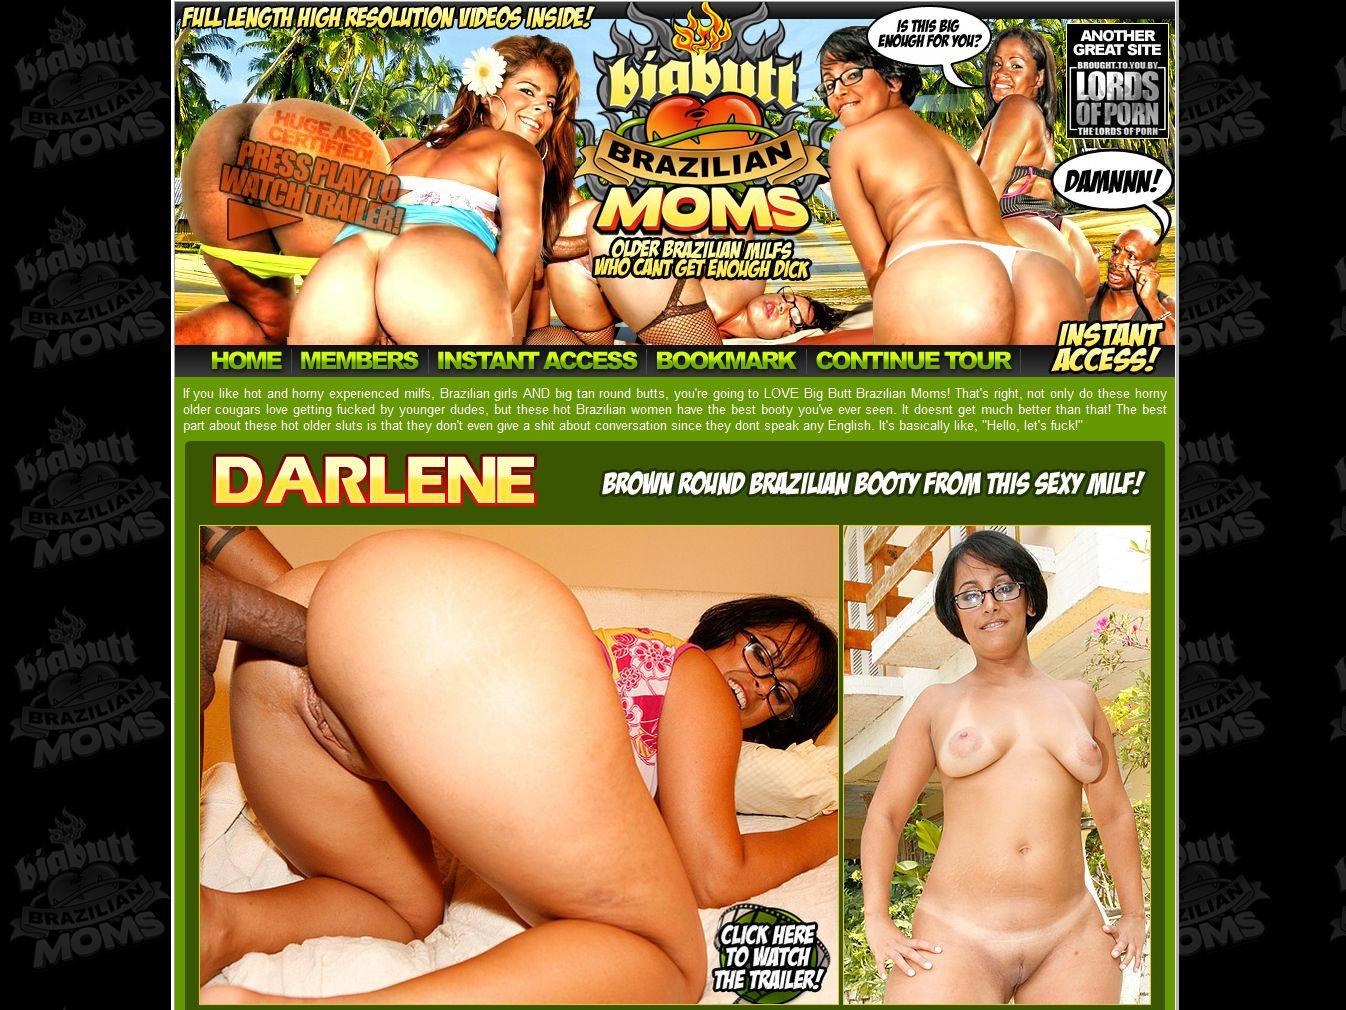 Big Butt Brazilian Moms